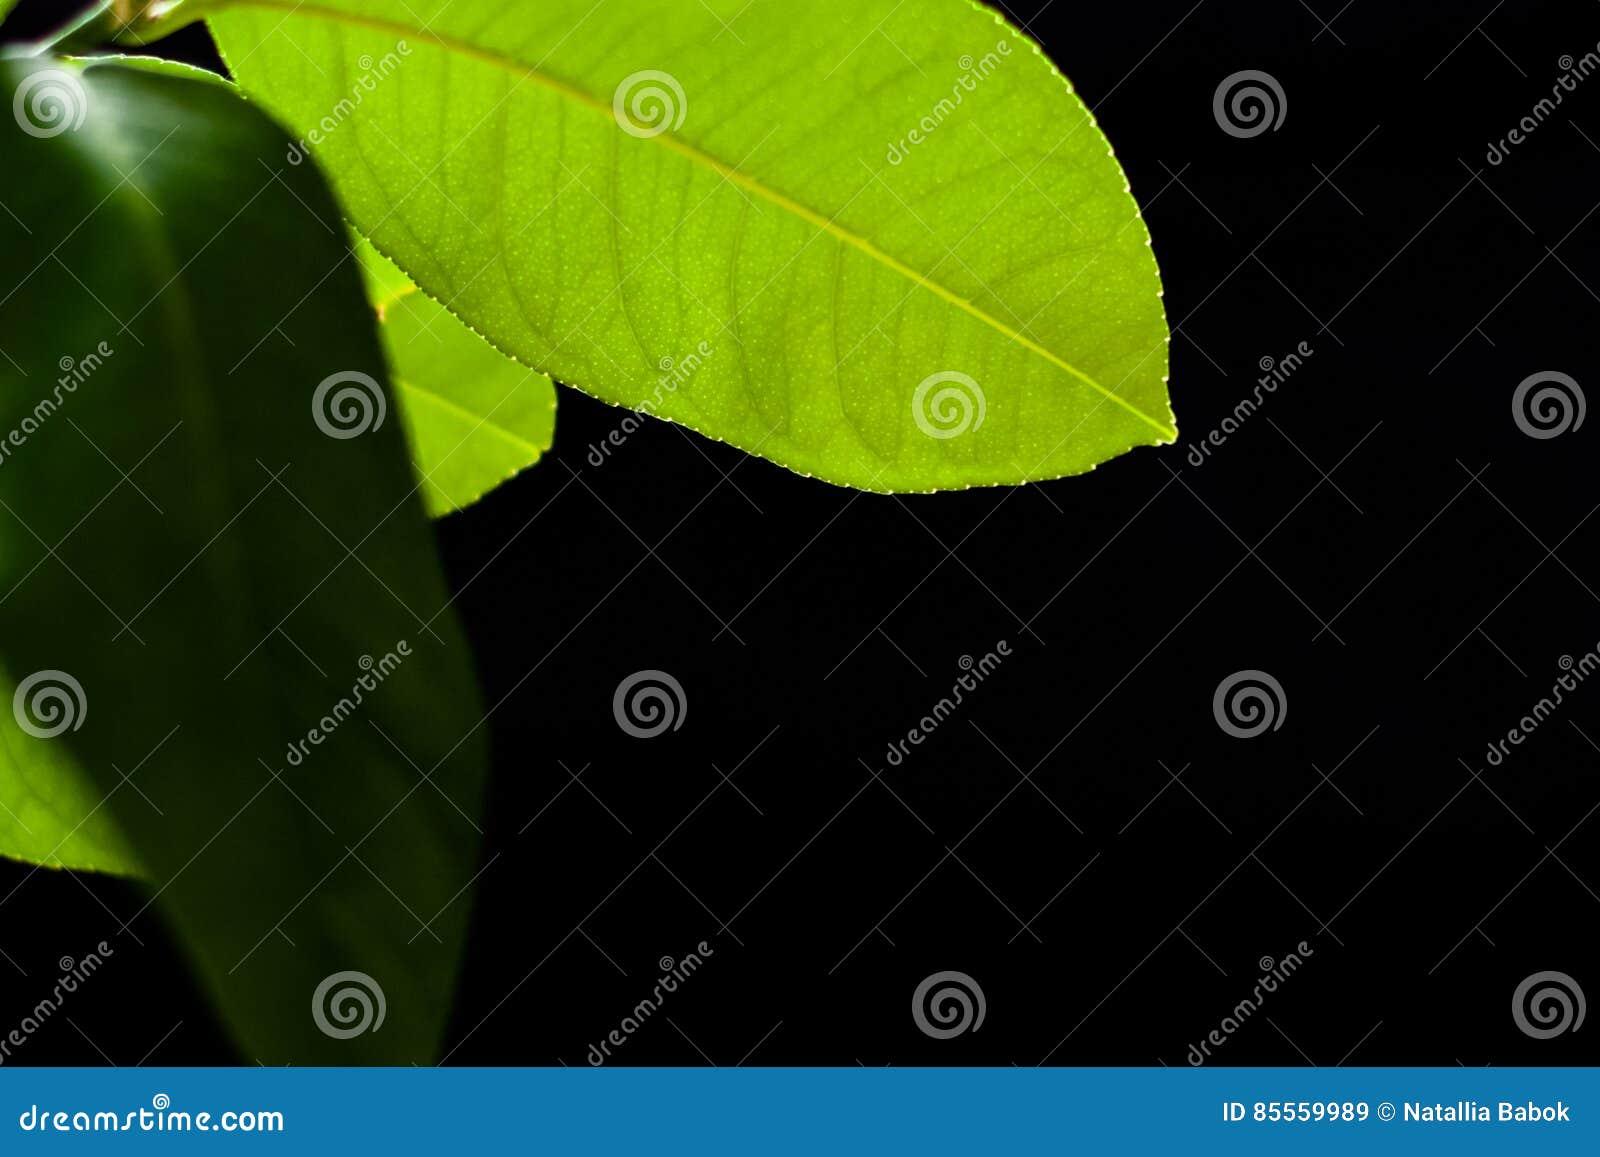 Grünes Blatt der Zitrone auf einem schwarzen Hintergrundhintergrund